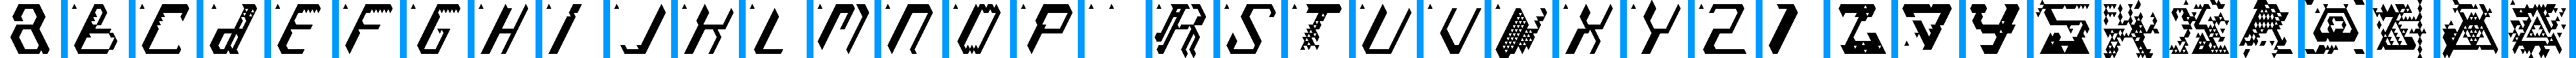 Particip-a-type v.270